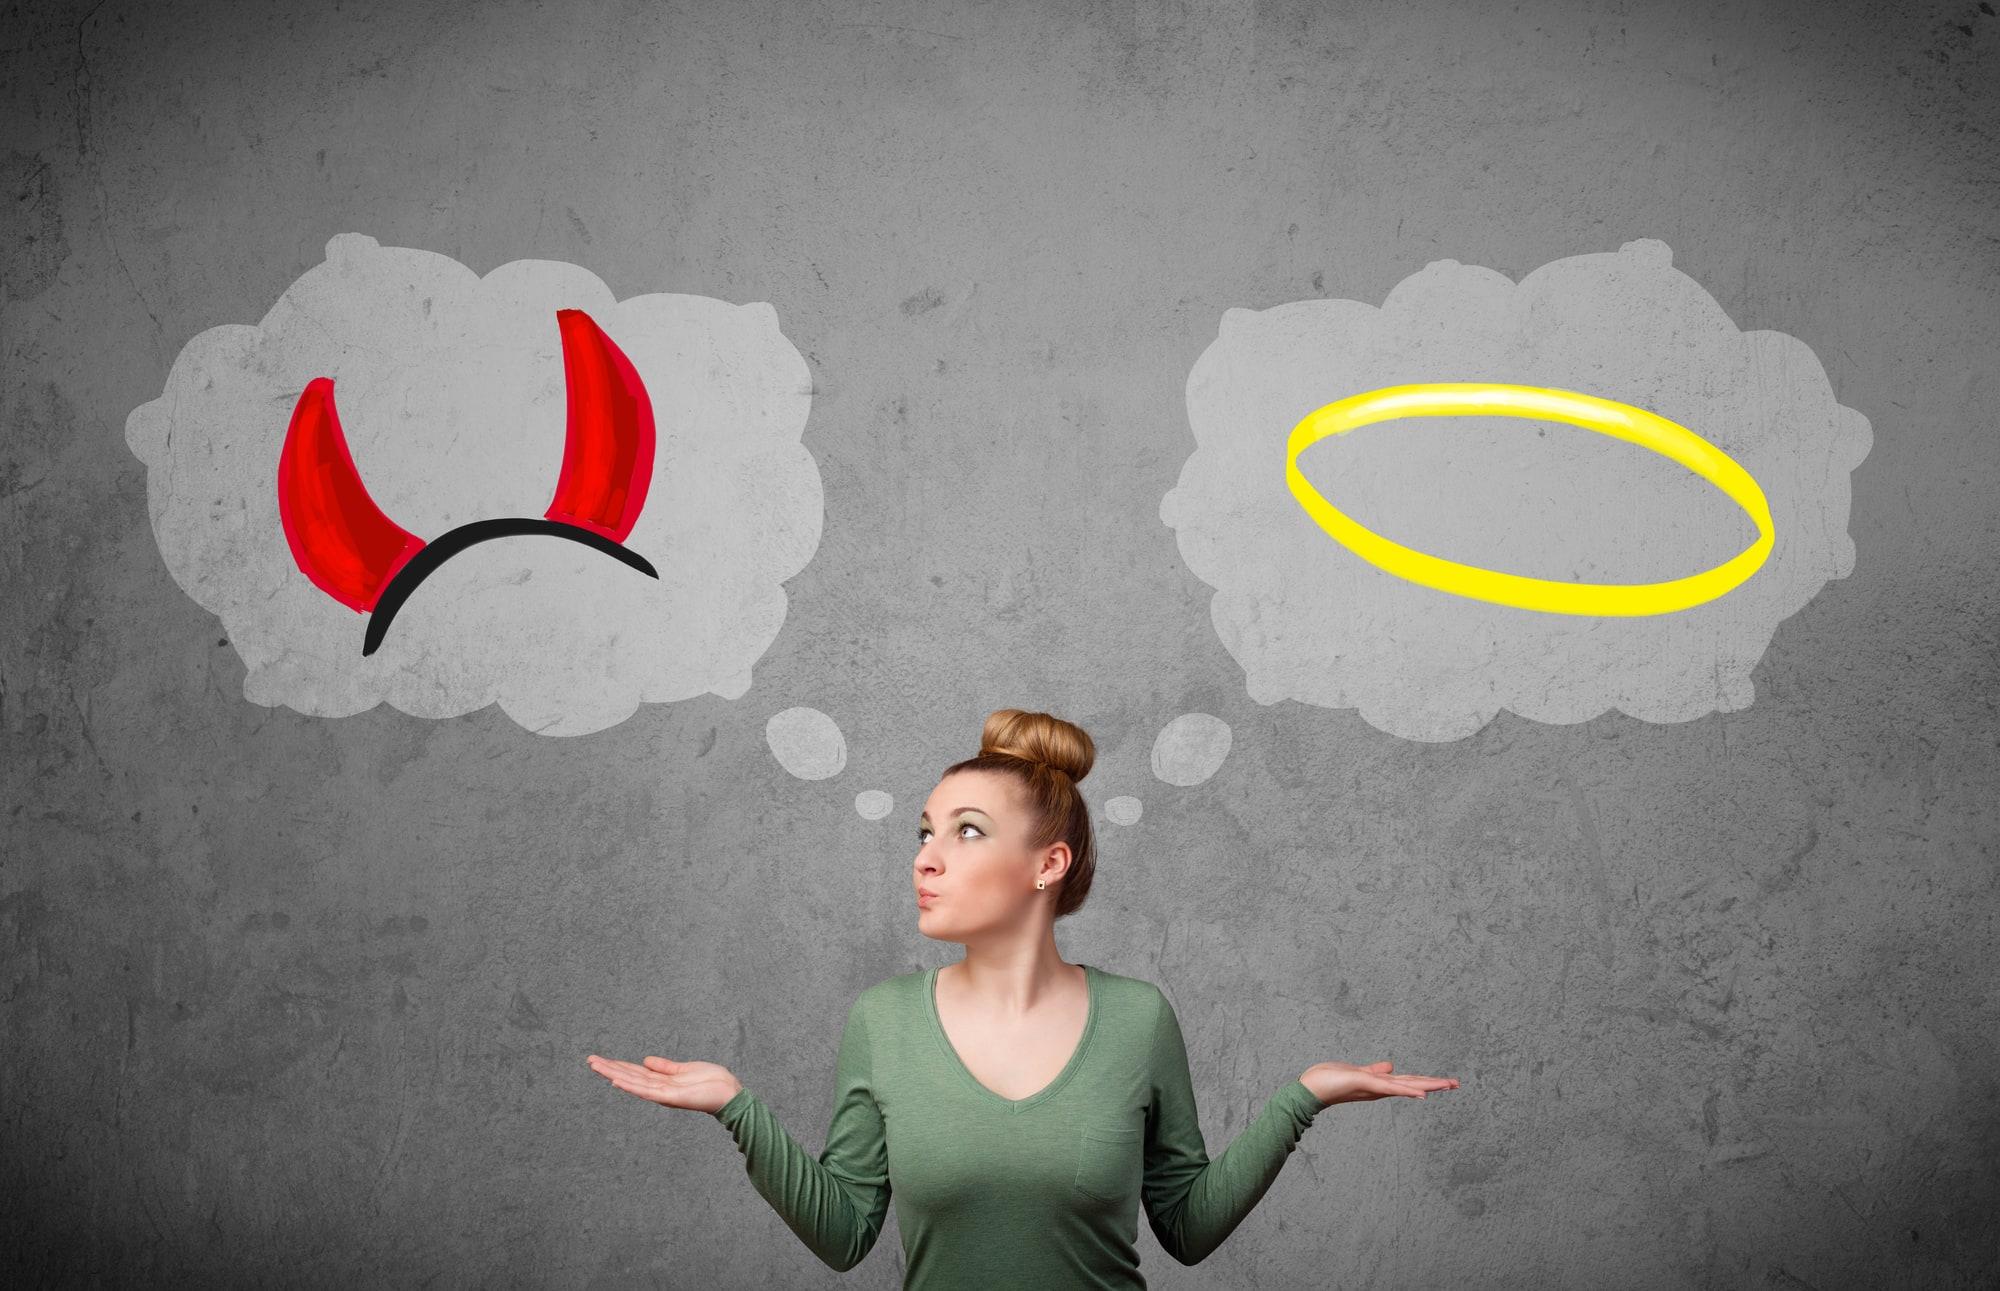 Какая ваша сторона души наиболее сильна: Темная или светлая?